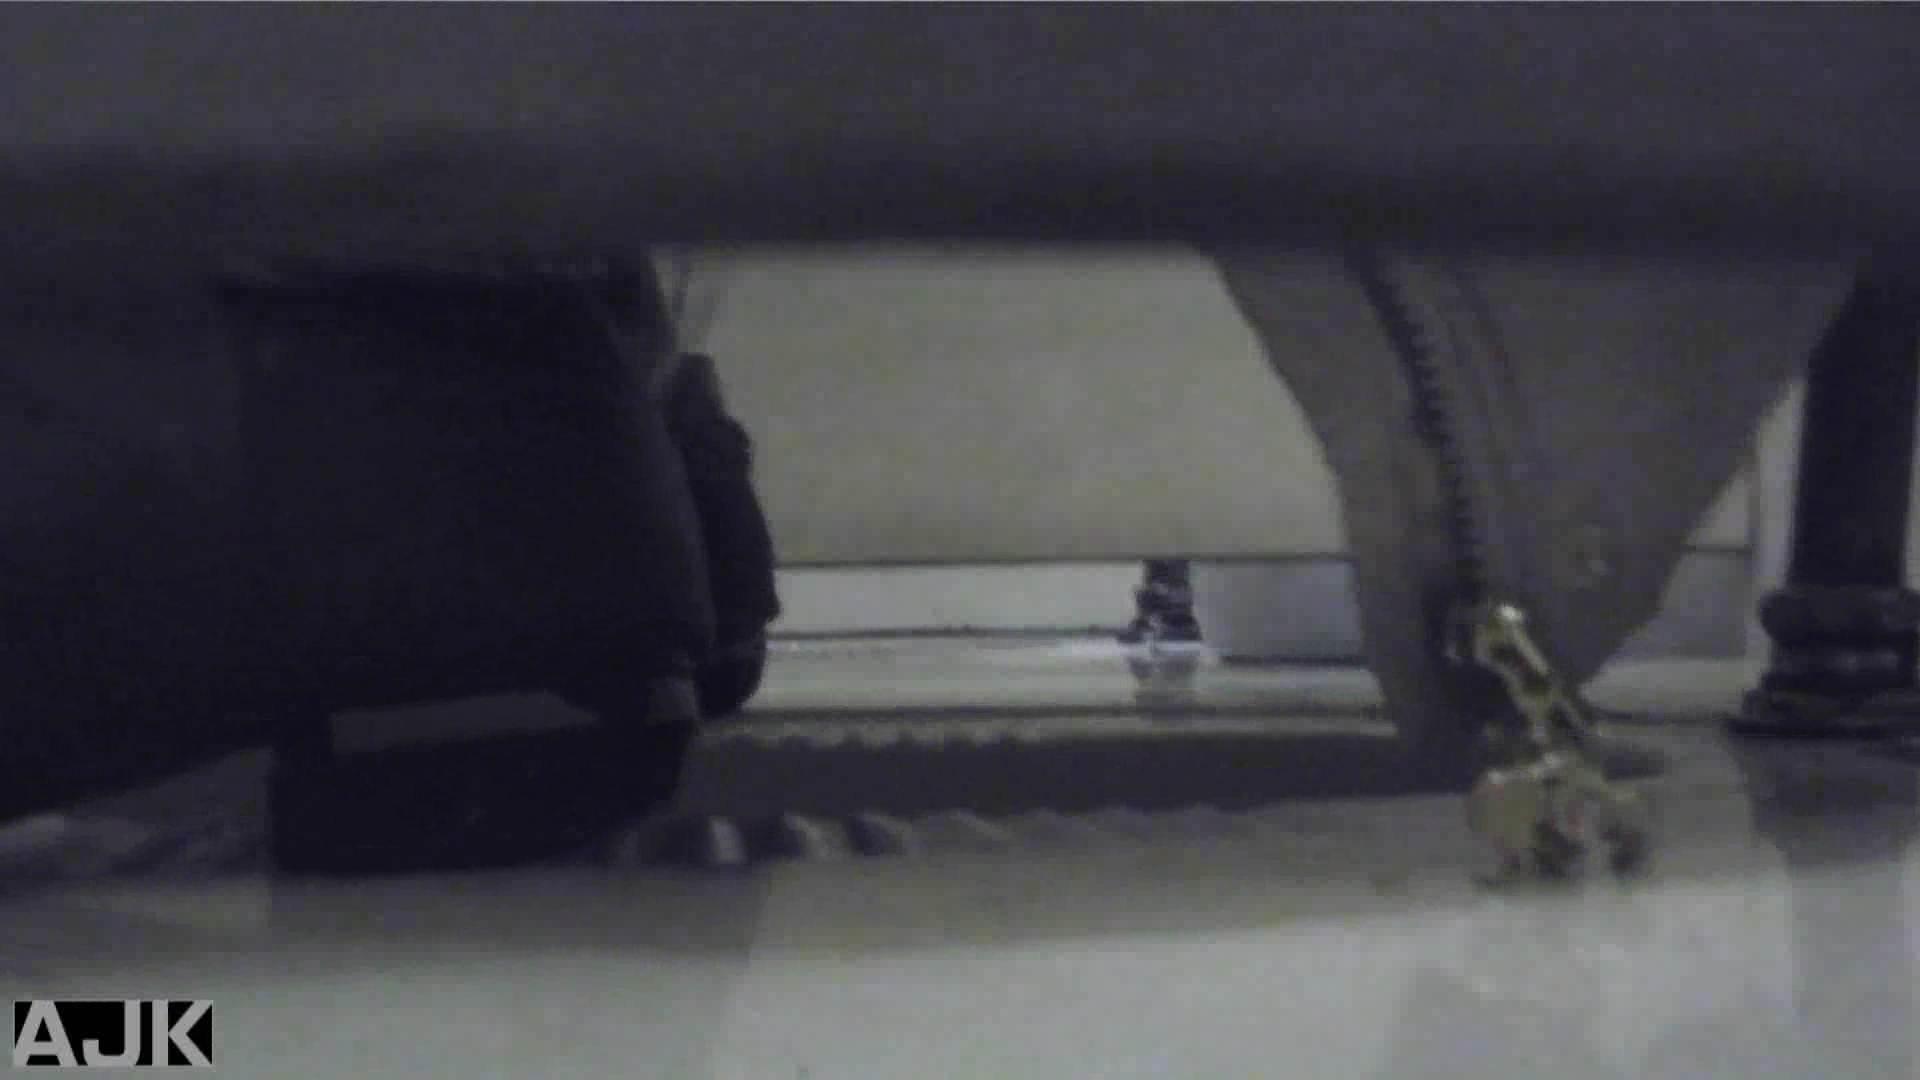 隣国上階級エリアの令嬢たちが集うデパートお手洗い Vol.30 盗撮で悶絶 オマンコ無修正動画無料 92画像 91